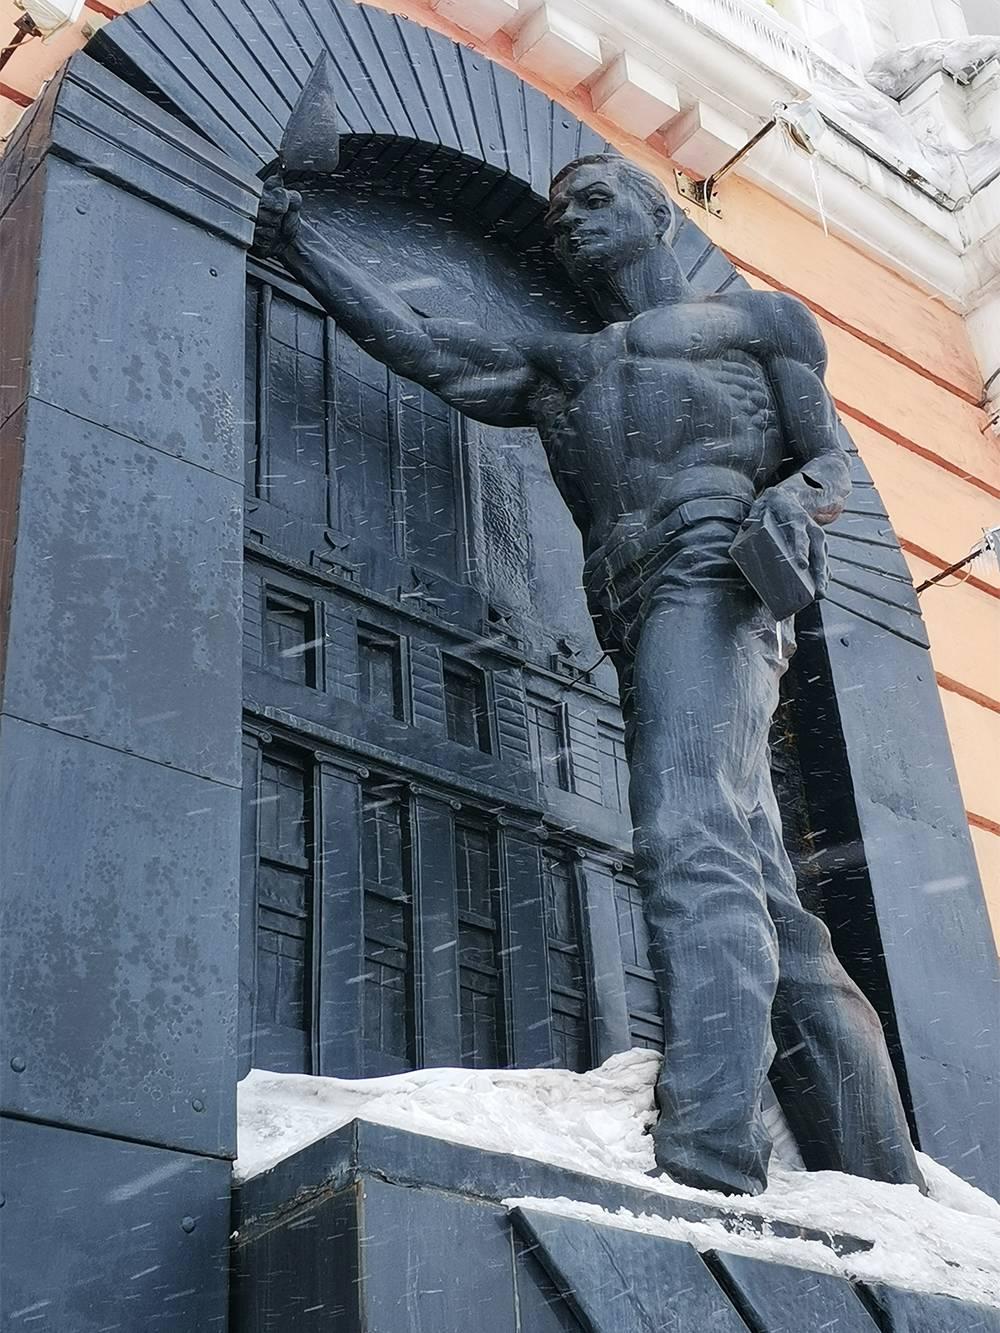 За углом кинотеатра «Родина» установлен памятник строителям Норильска. Он символизирует переход от барачного поселка к современному каменному городу